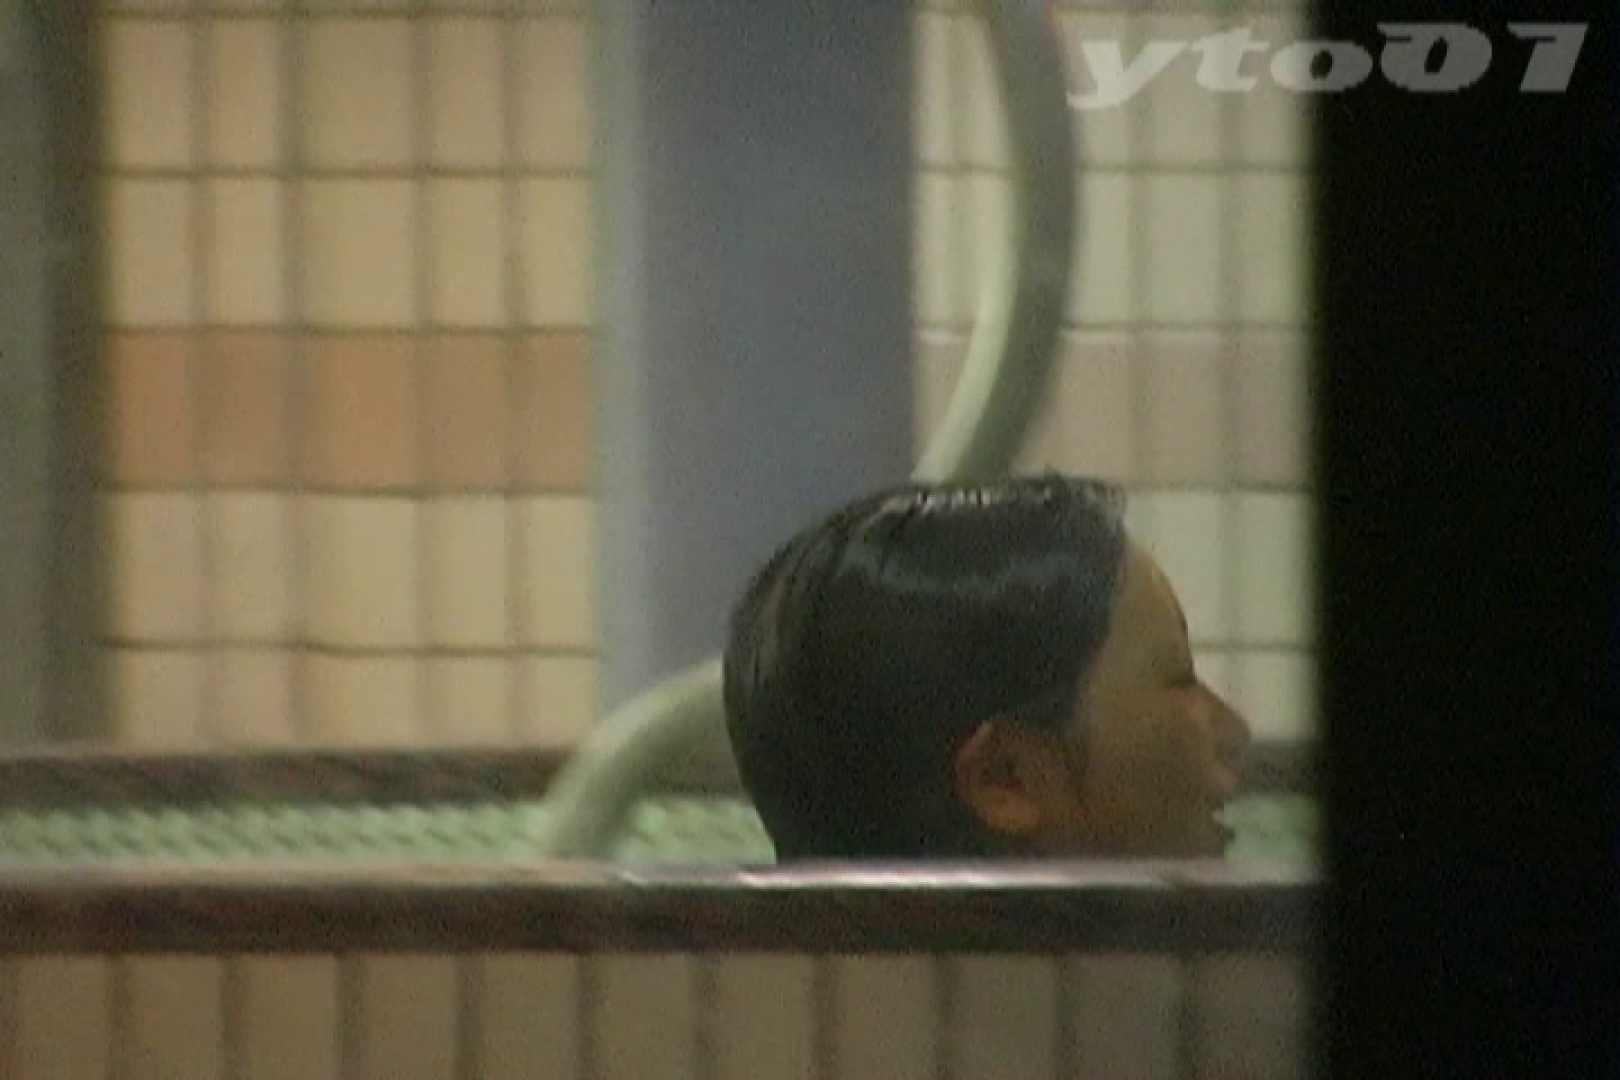 ▲復活限定▲合宿ホテル女風呂盗撮 Vol.07 ホテル  104pic 23